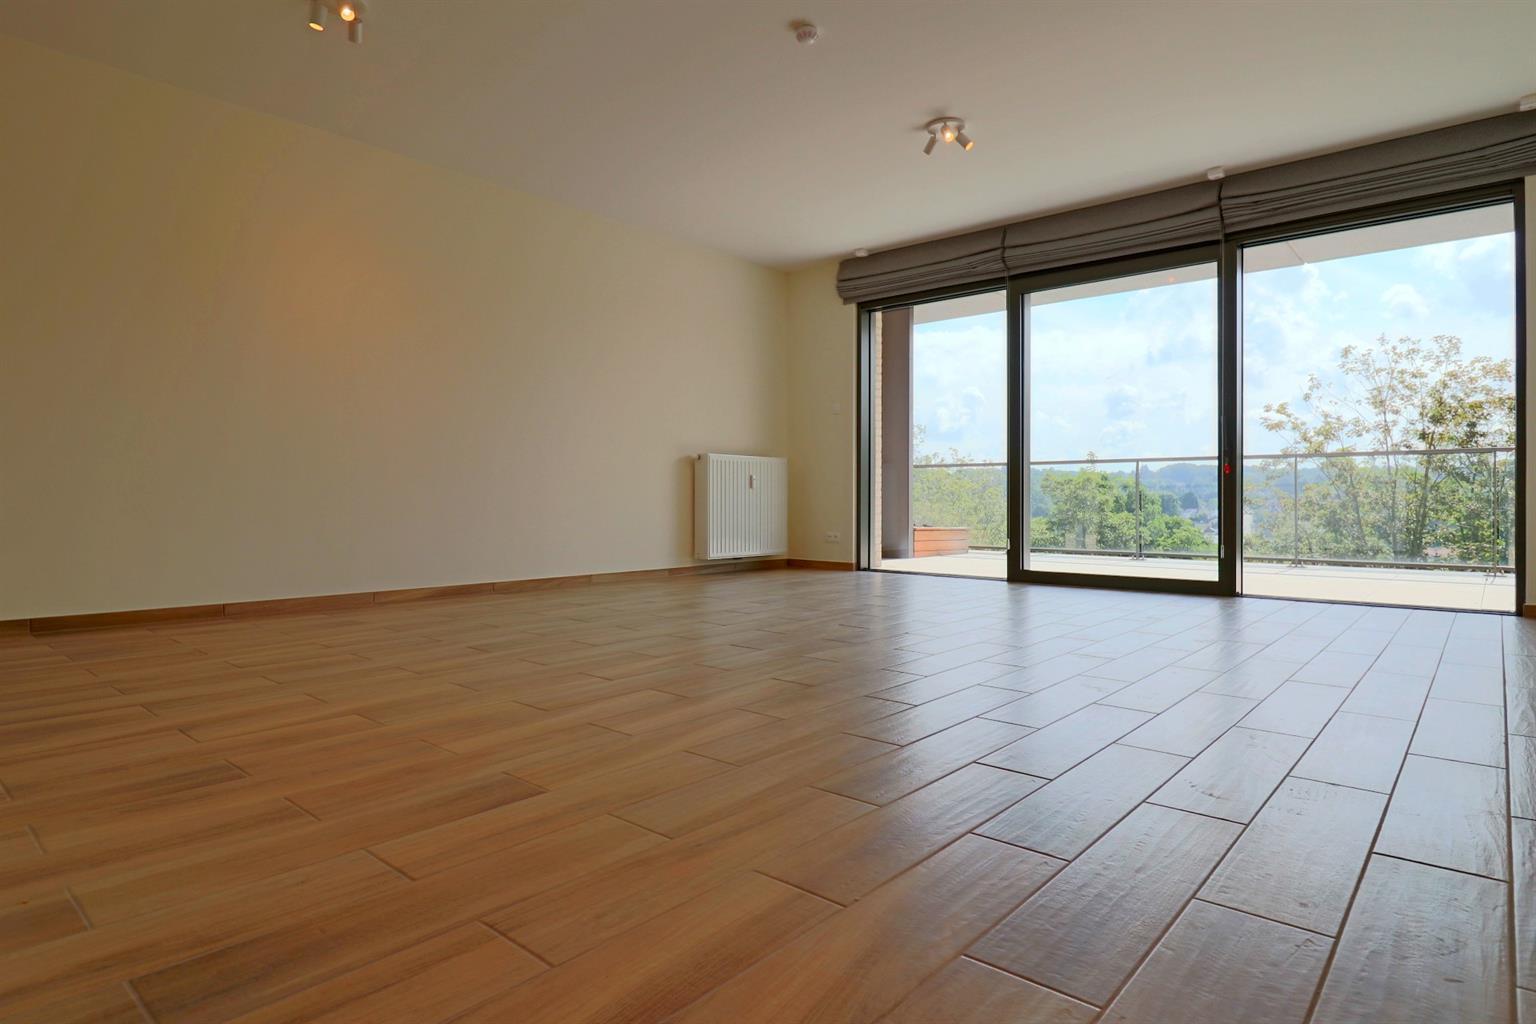 Appartement - Ottignies-Louvain-la-Neuve - #4406828-1